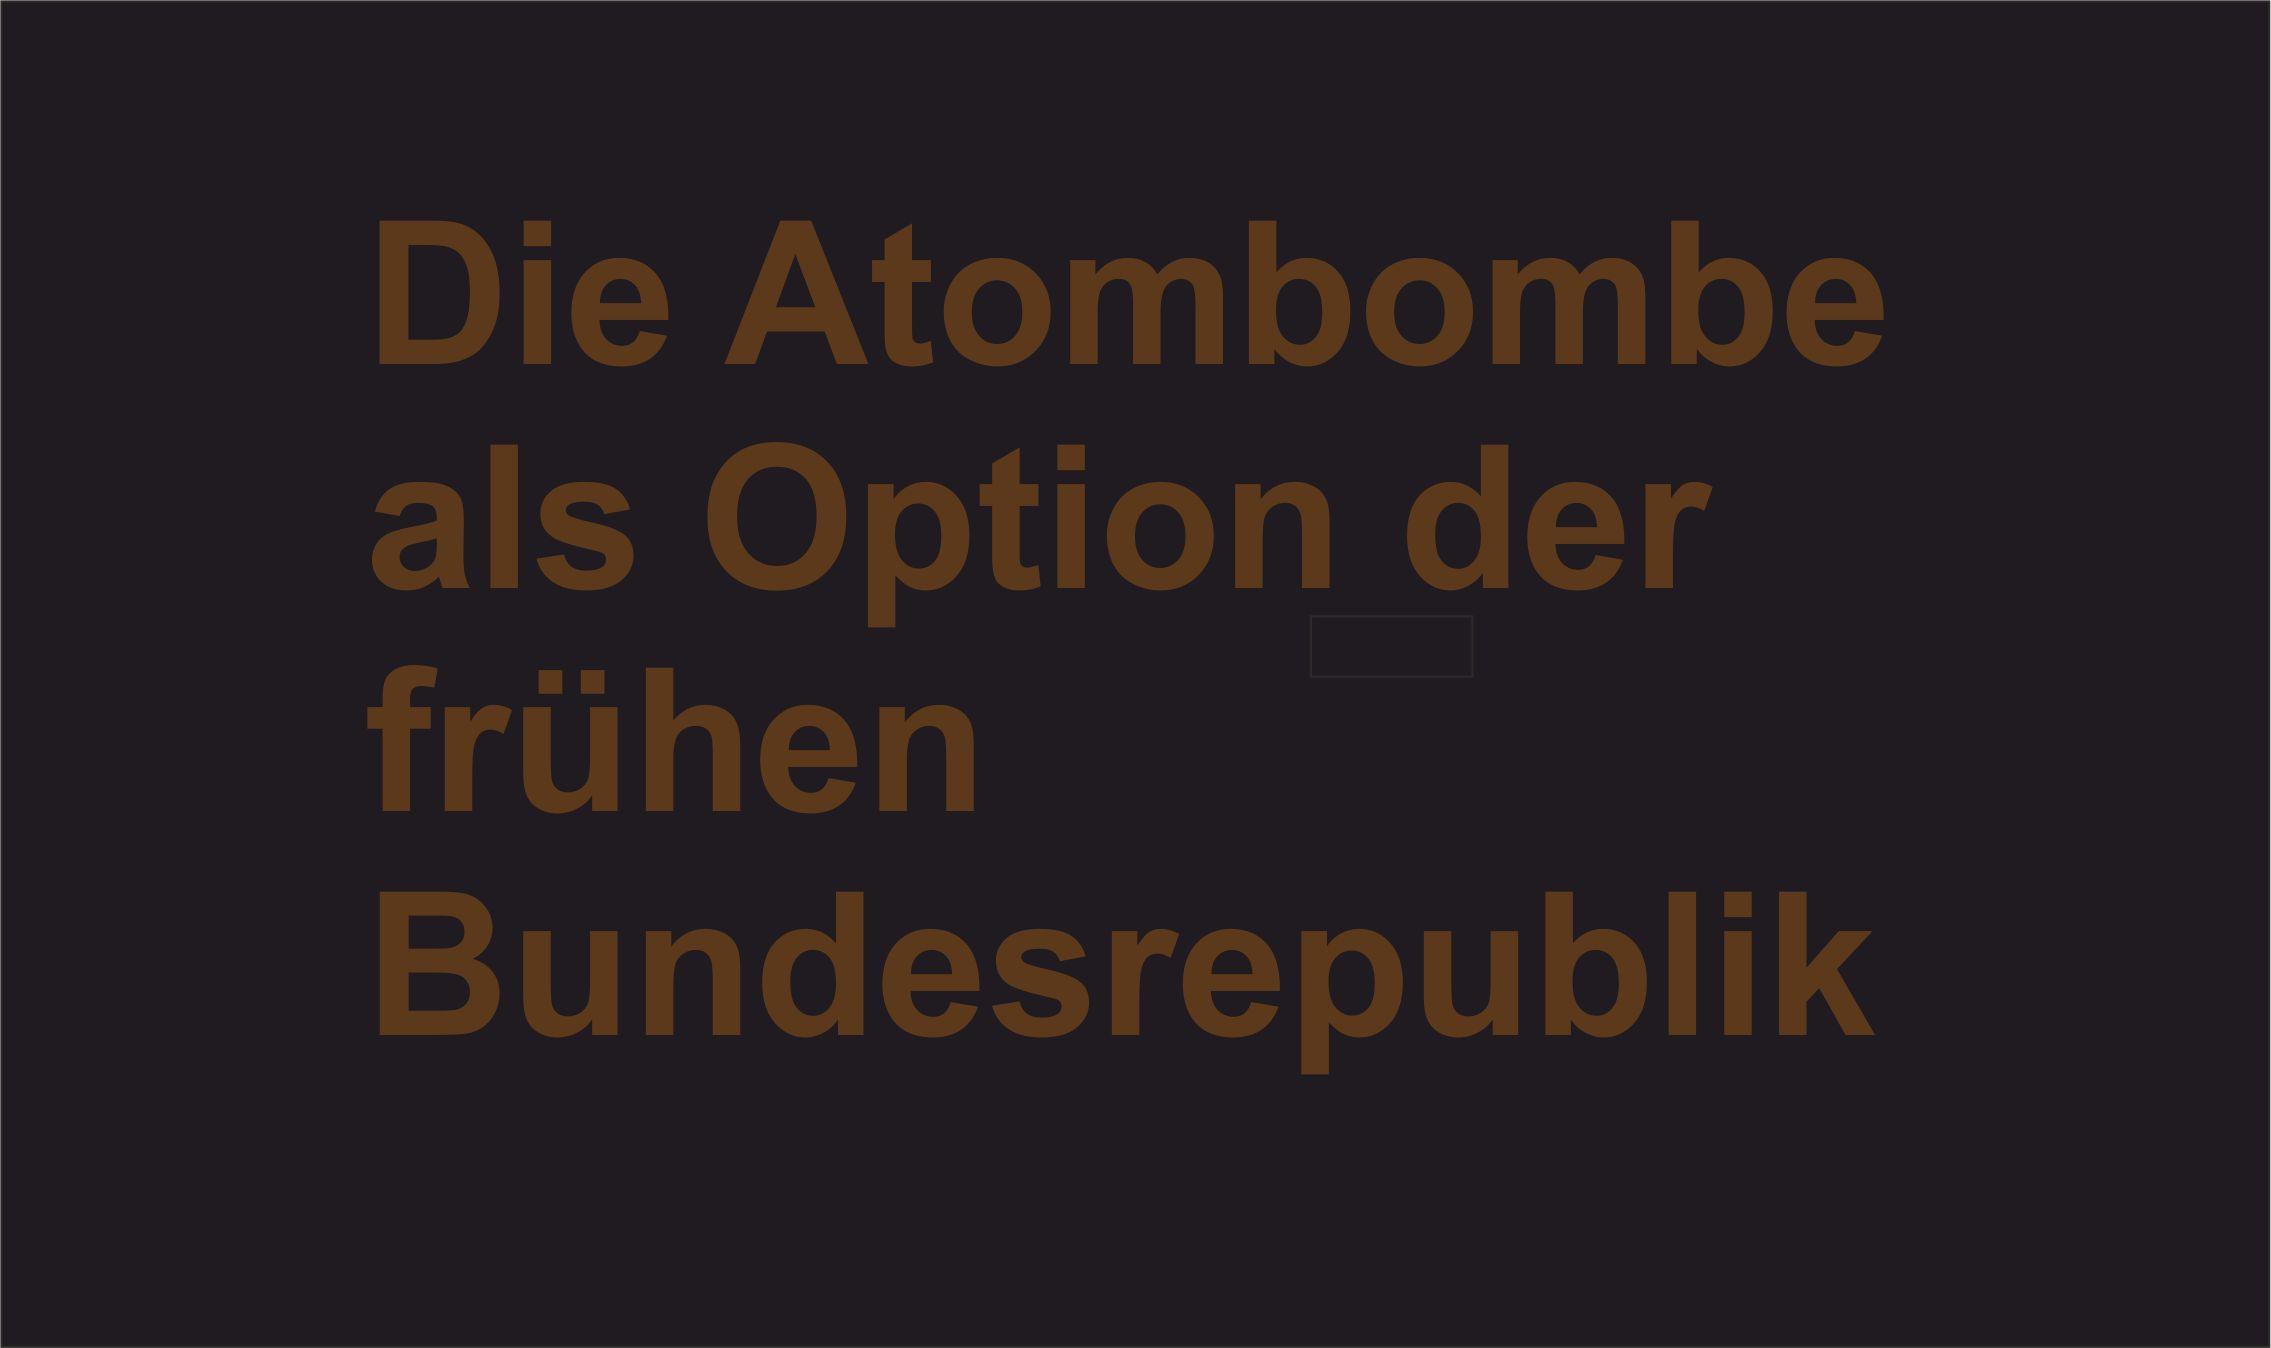 Die Atombombe als Option der frühen Bundesrepublik